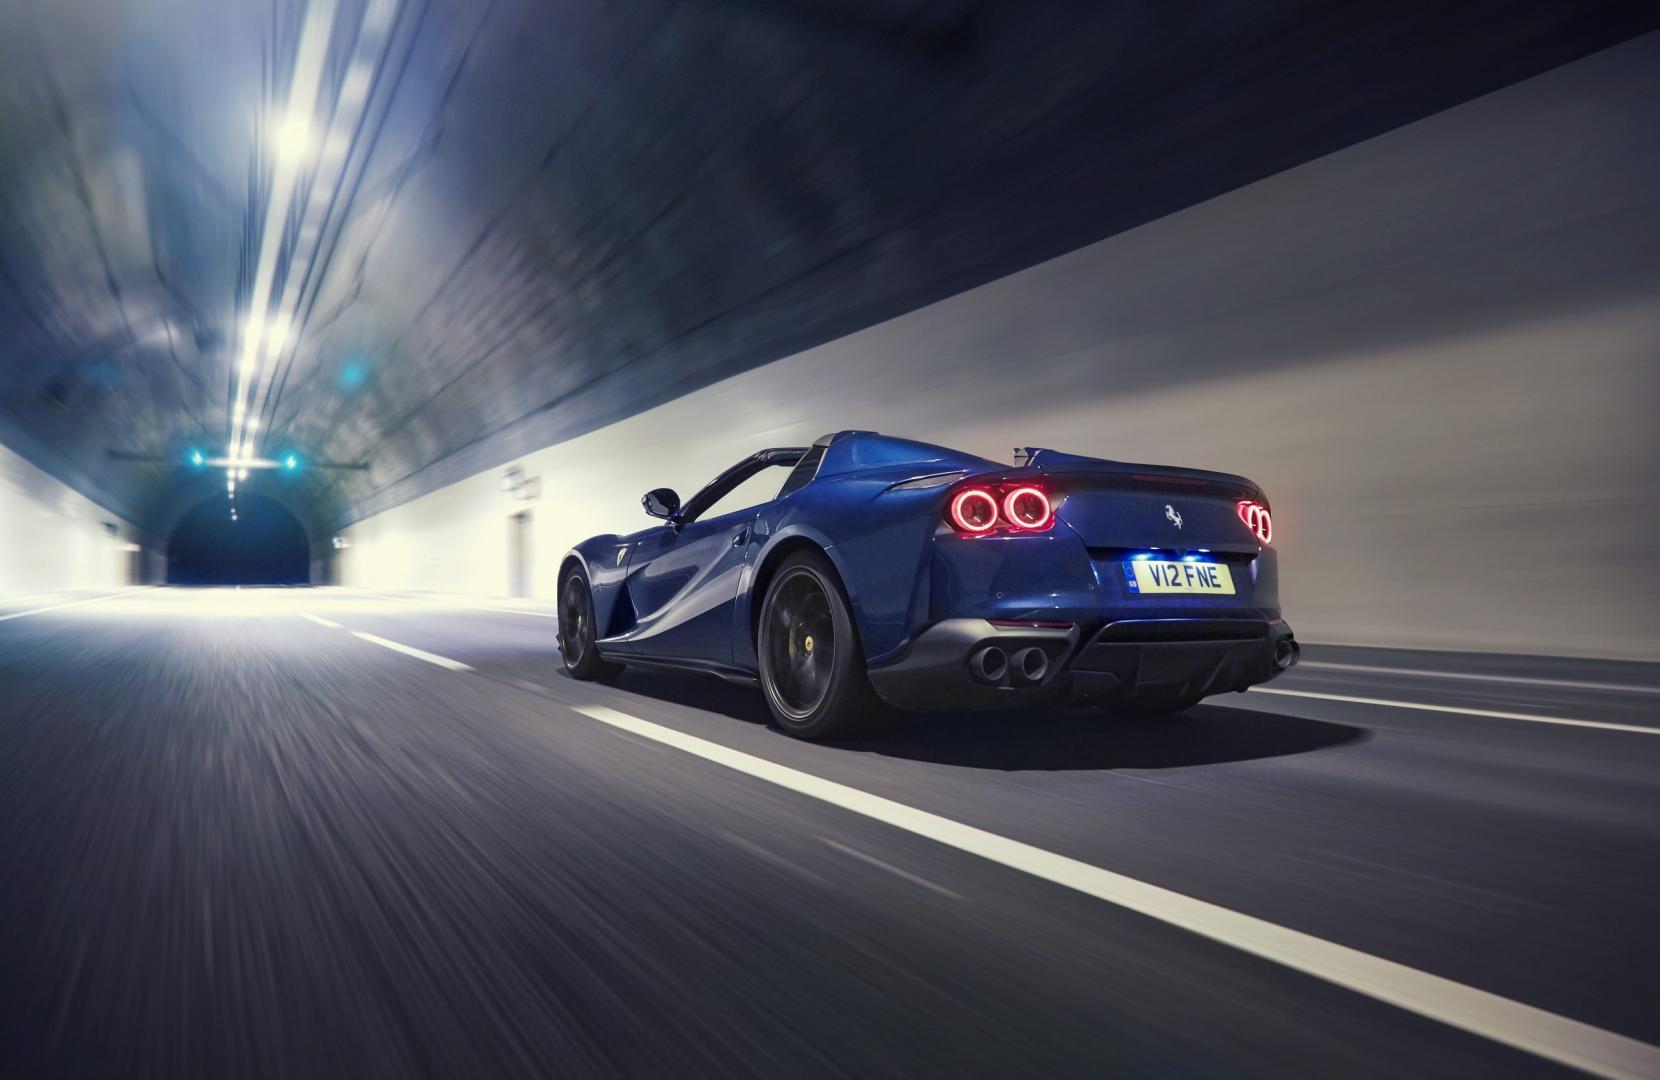 geluid van het jaar 2020 Ferrari 812 GTS in de tunnel